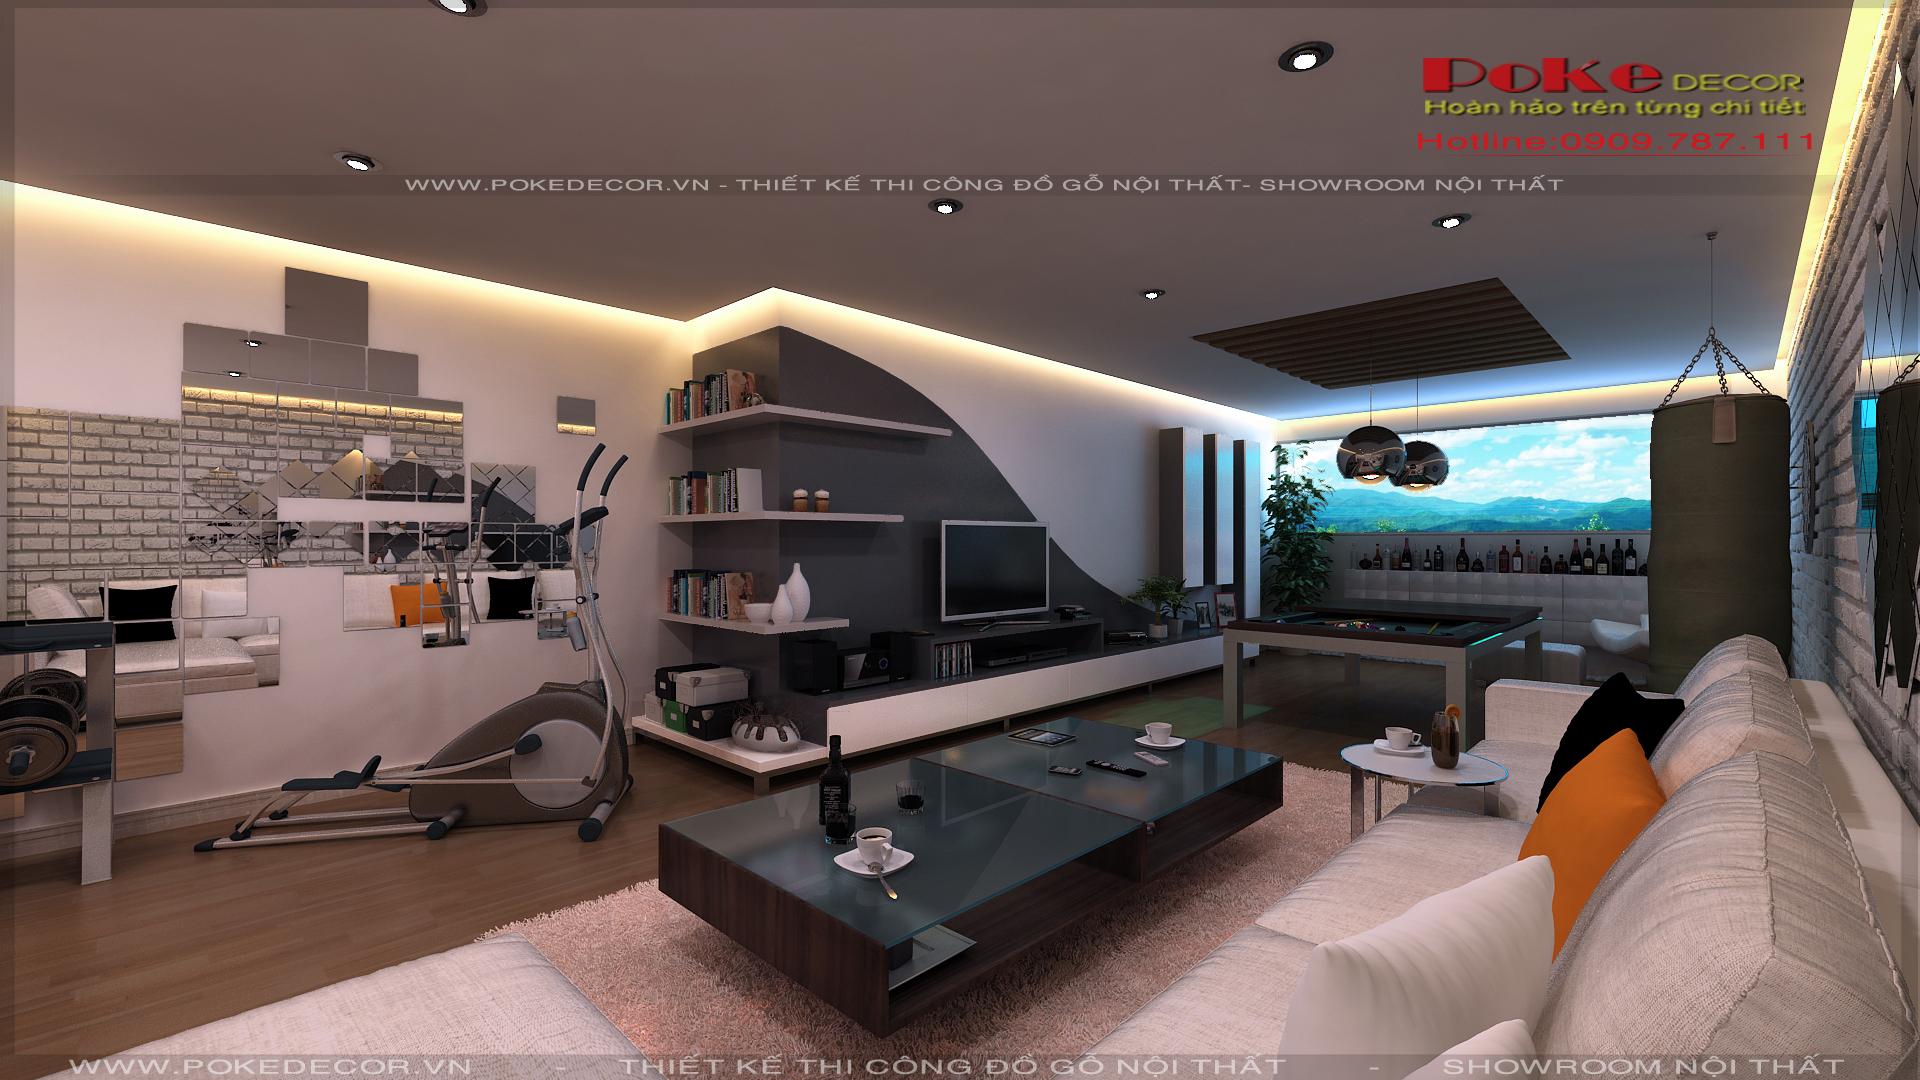 Tư vấn chọn mẫu thiết kế nội thất phòng khách đẹp